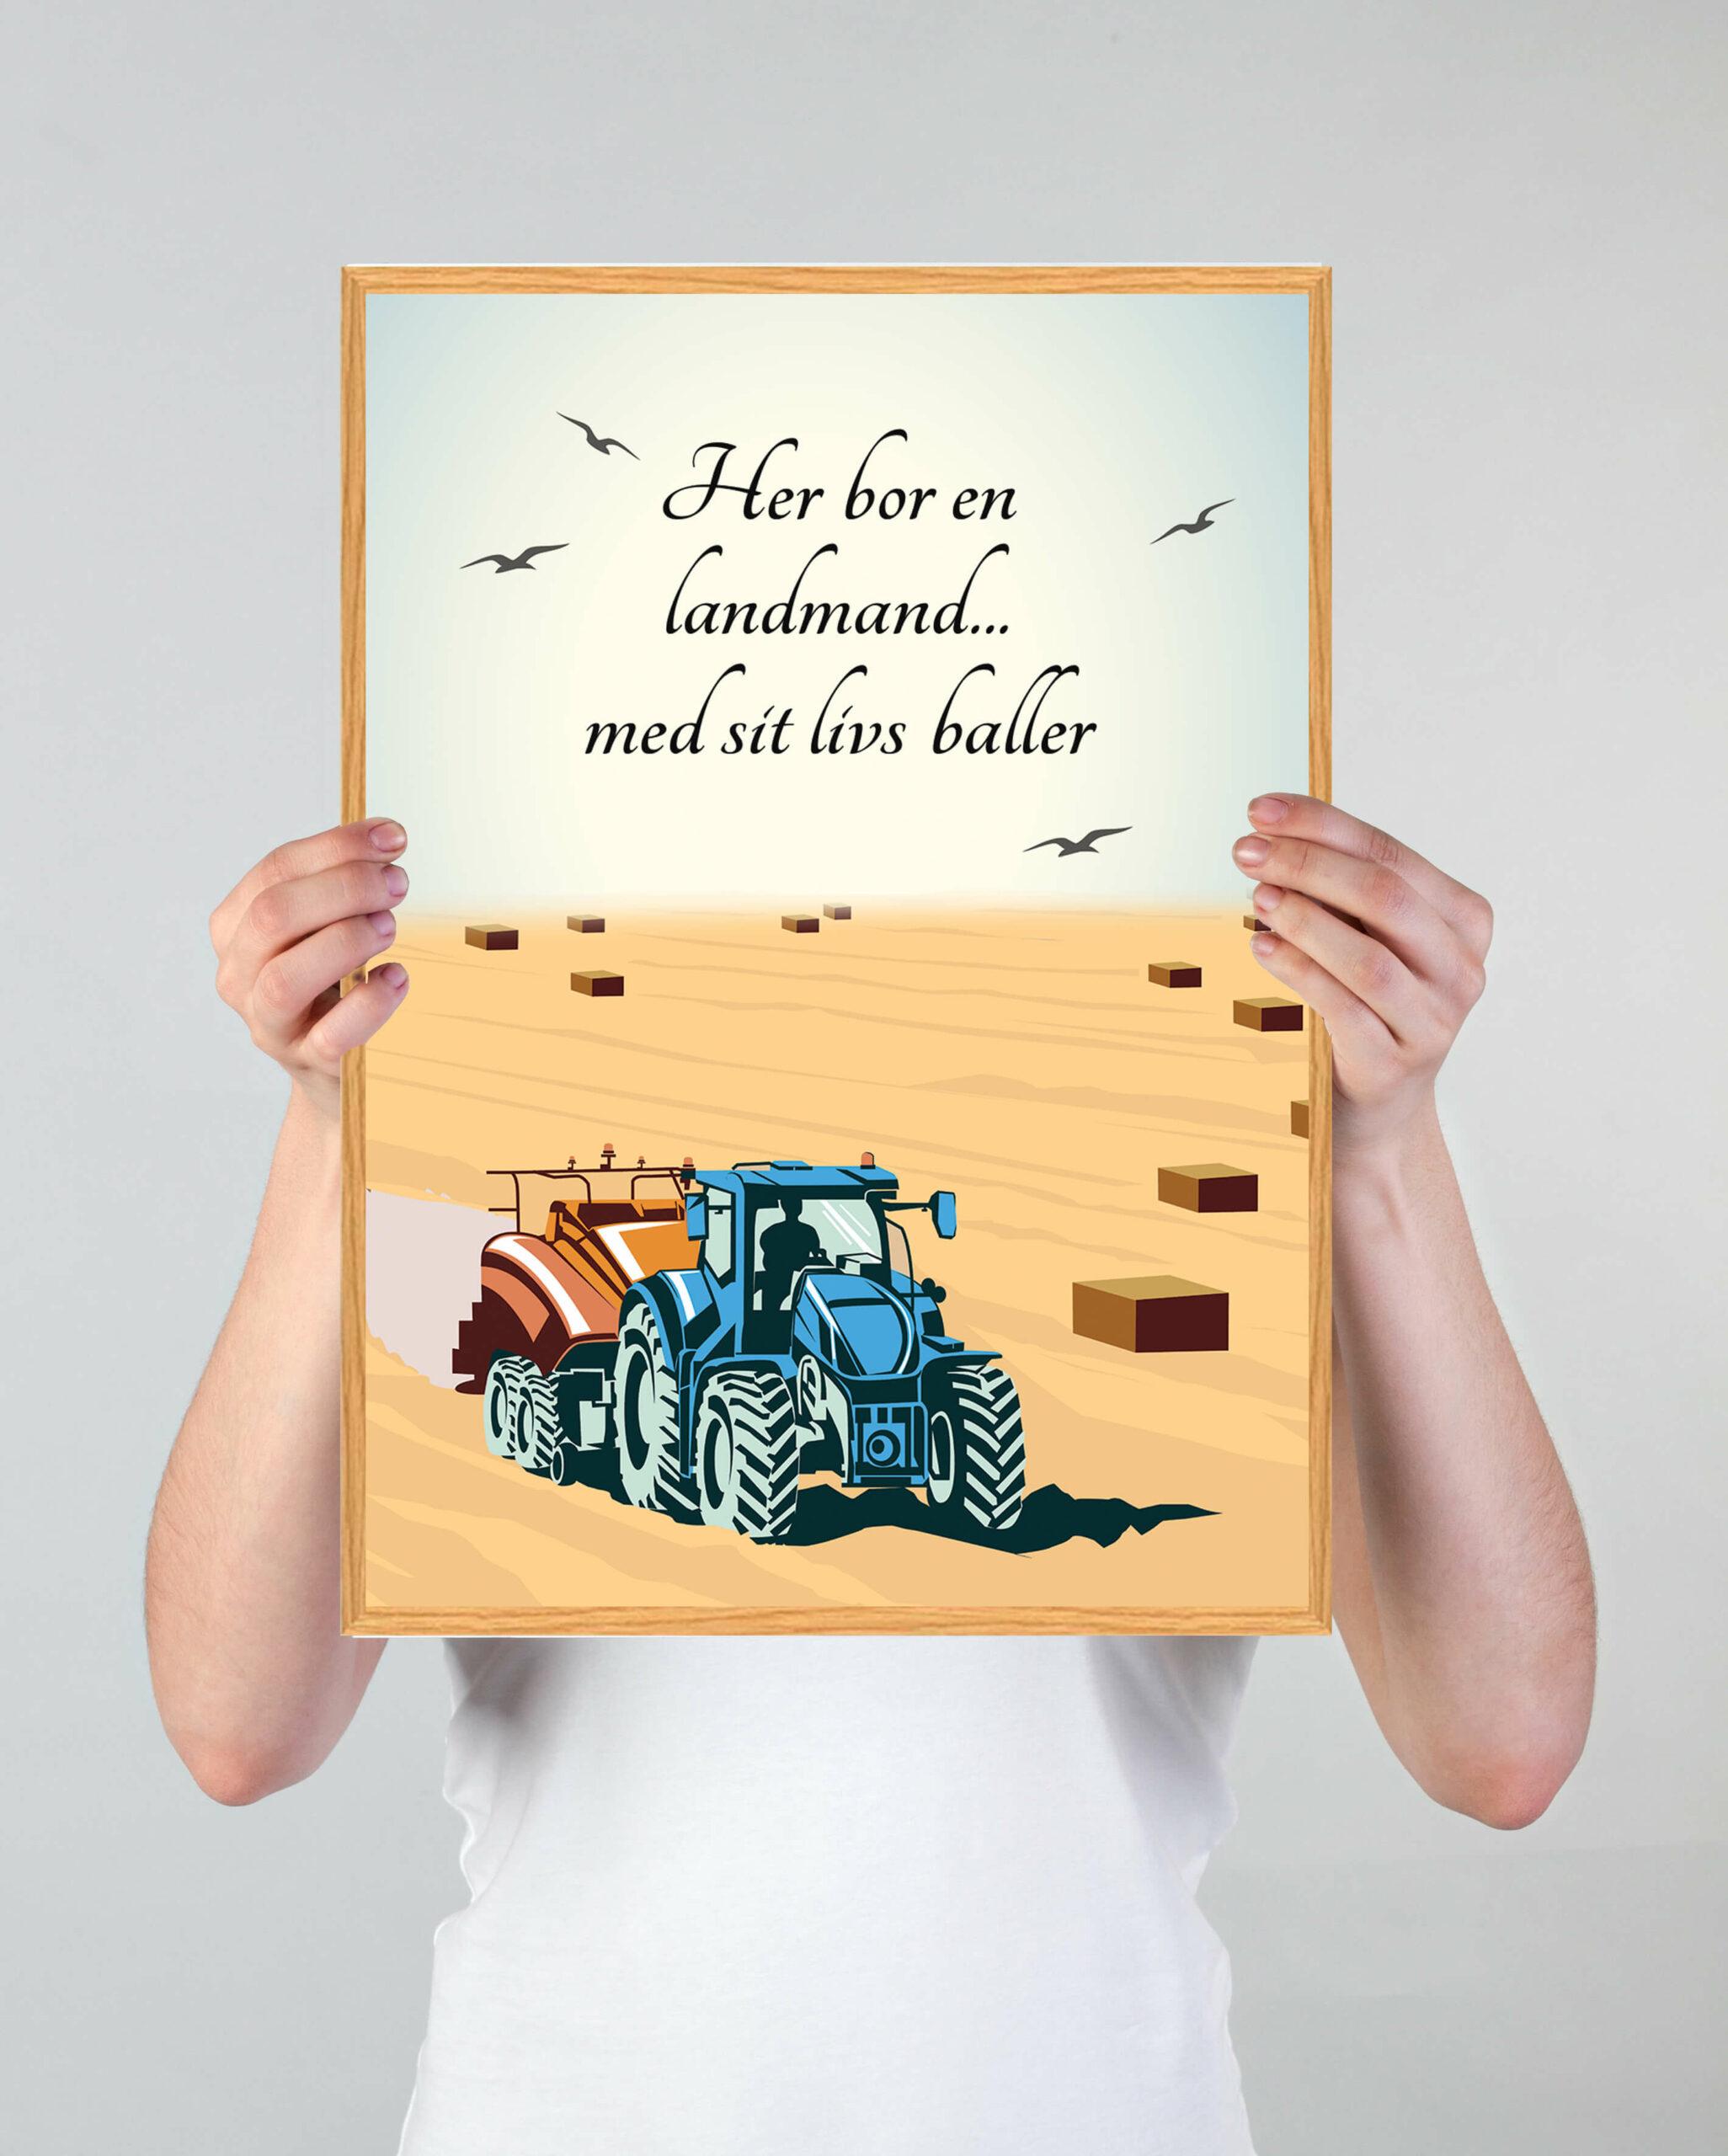 landmand-job-baller-2